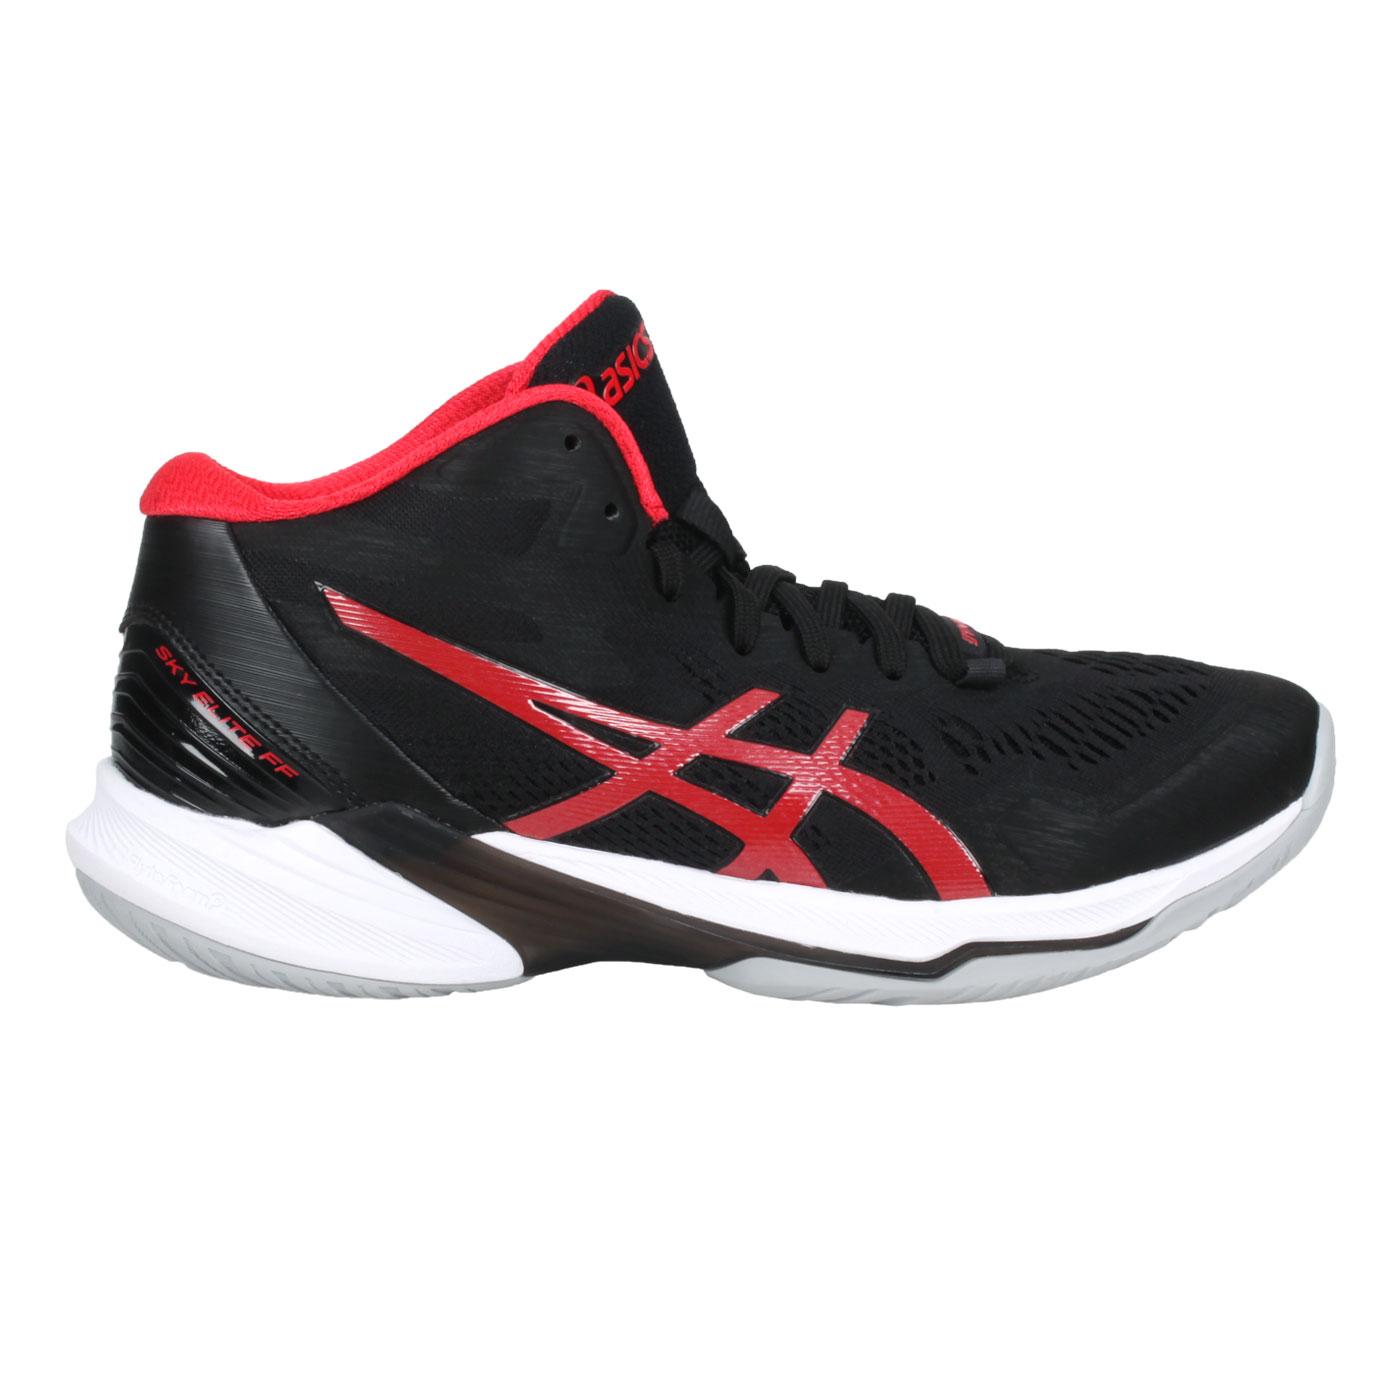 ASICS 特定-男款排羽球鞋  @SKY ELITE FF MT 2@1051A065-001